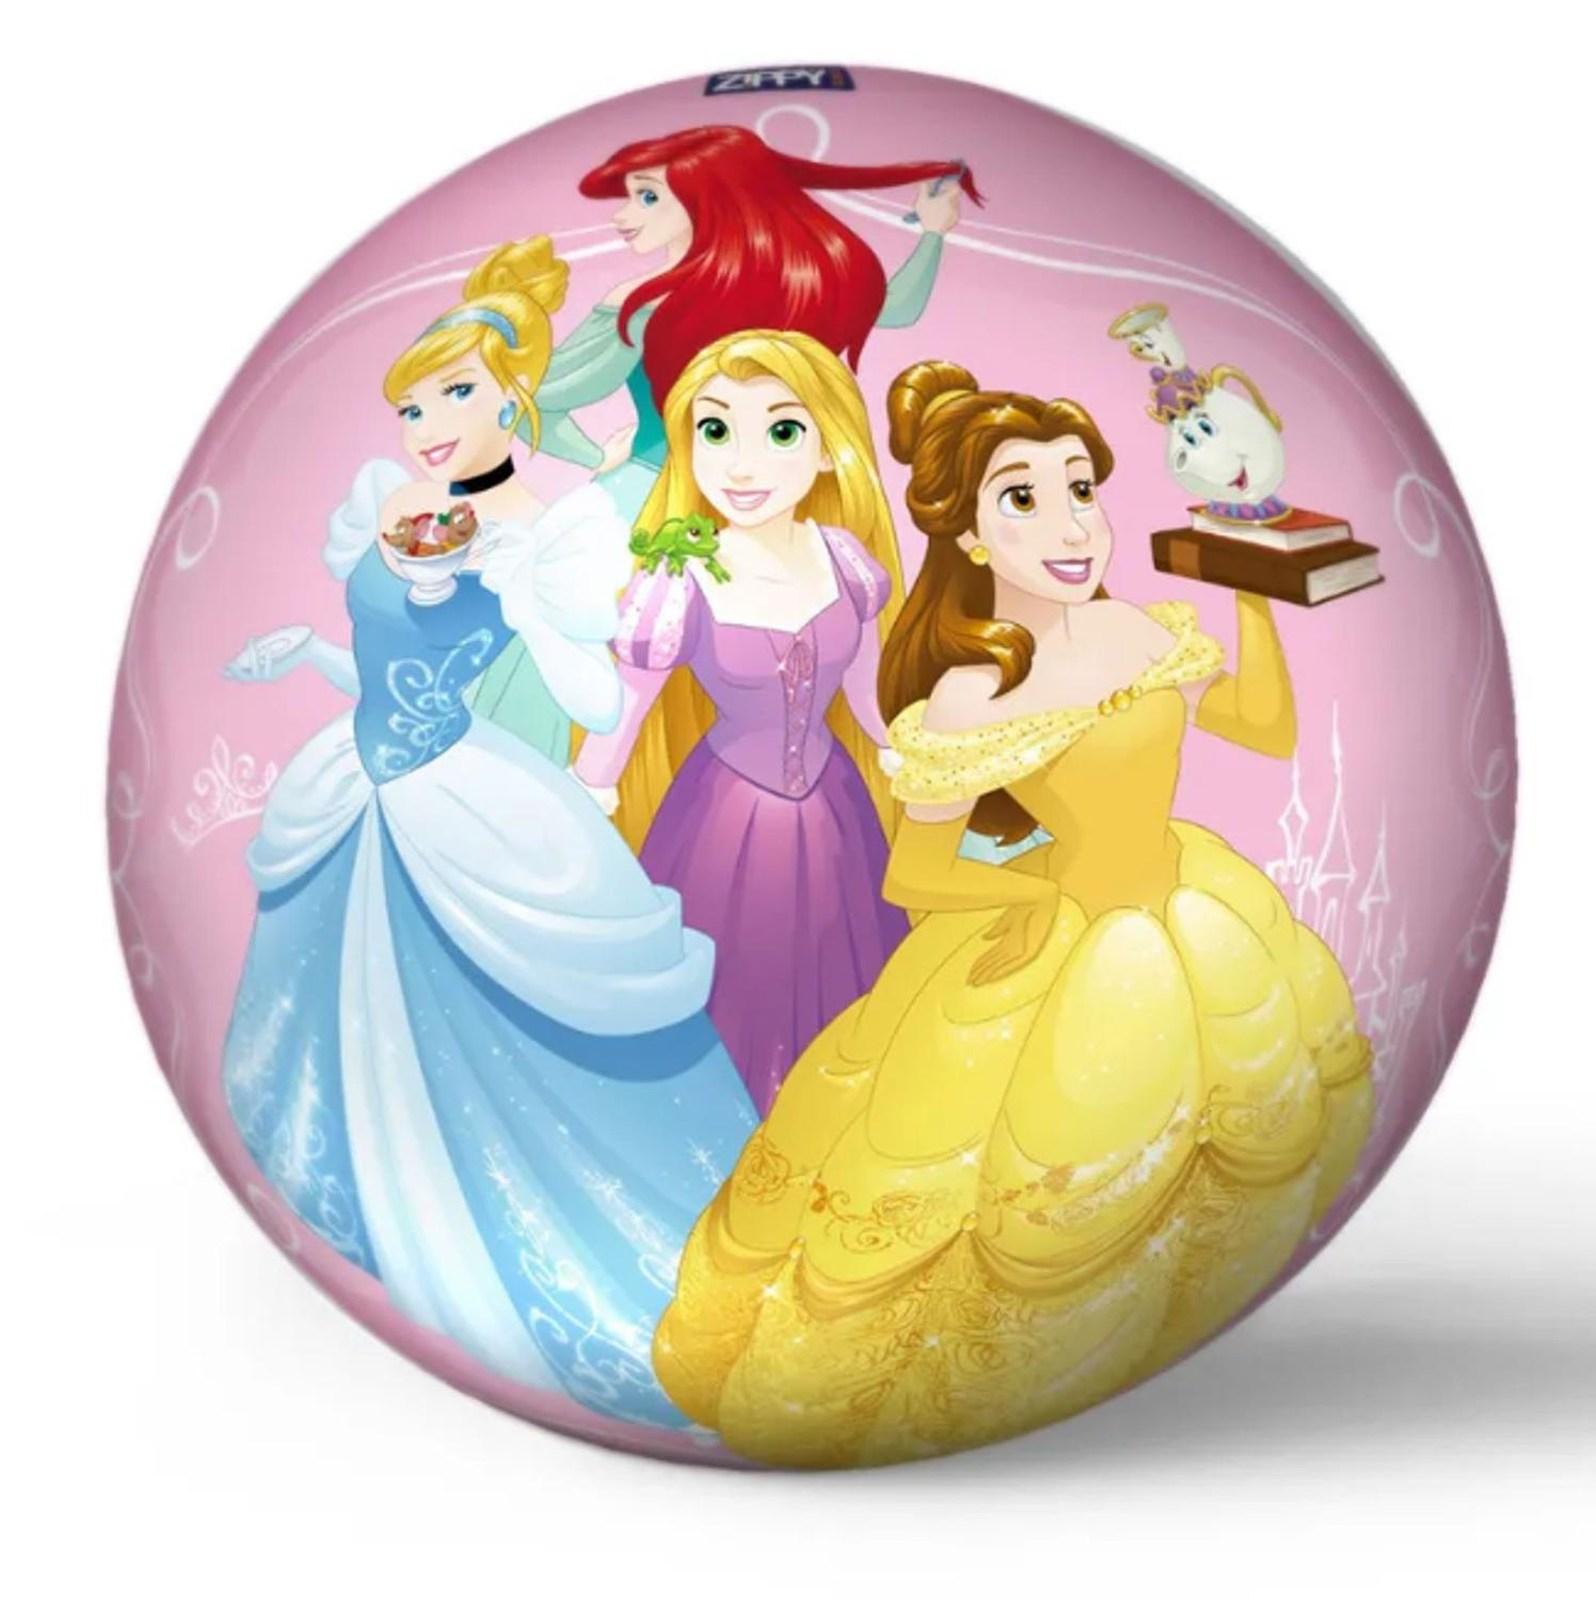 Bola de Vinil Infantil Personagens Princesas - Zippy